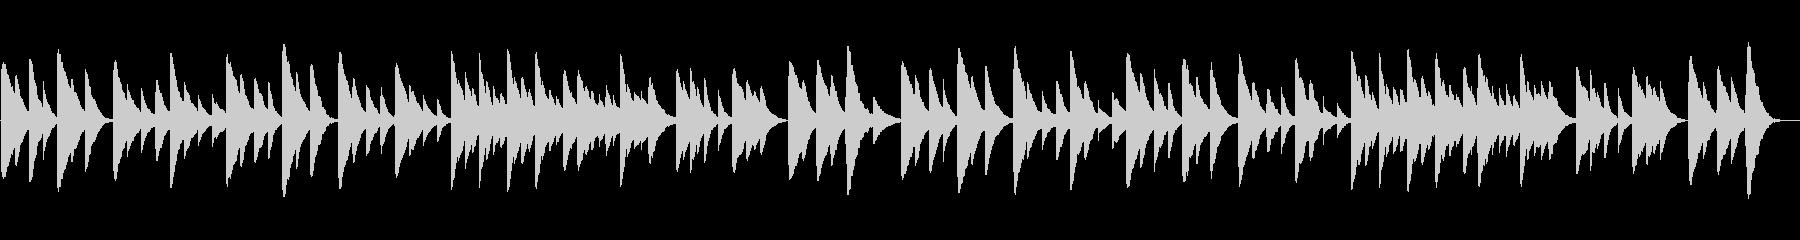 Aura Leeのオルゴールアレンジの未再生の波形